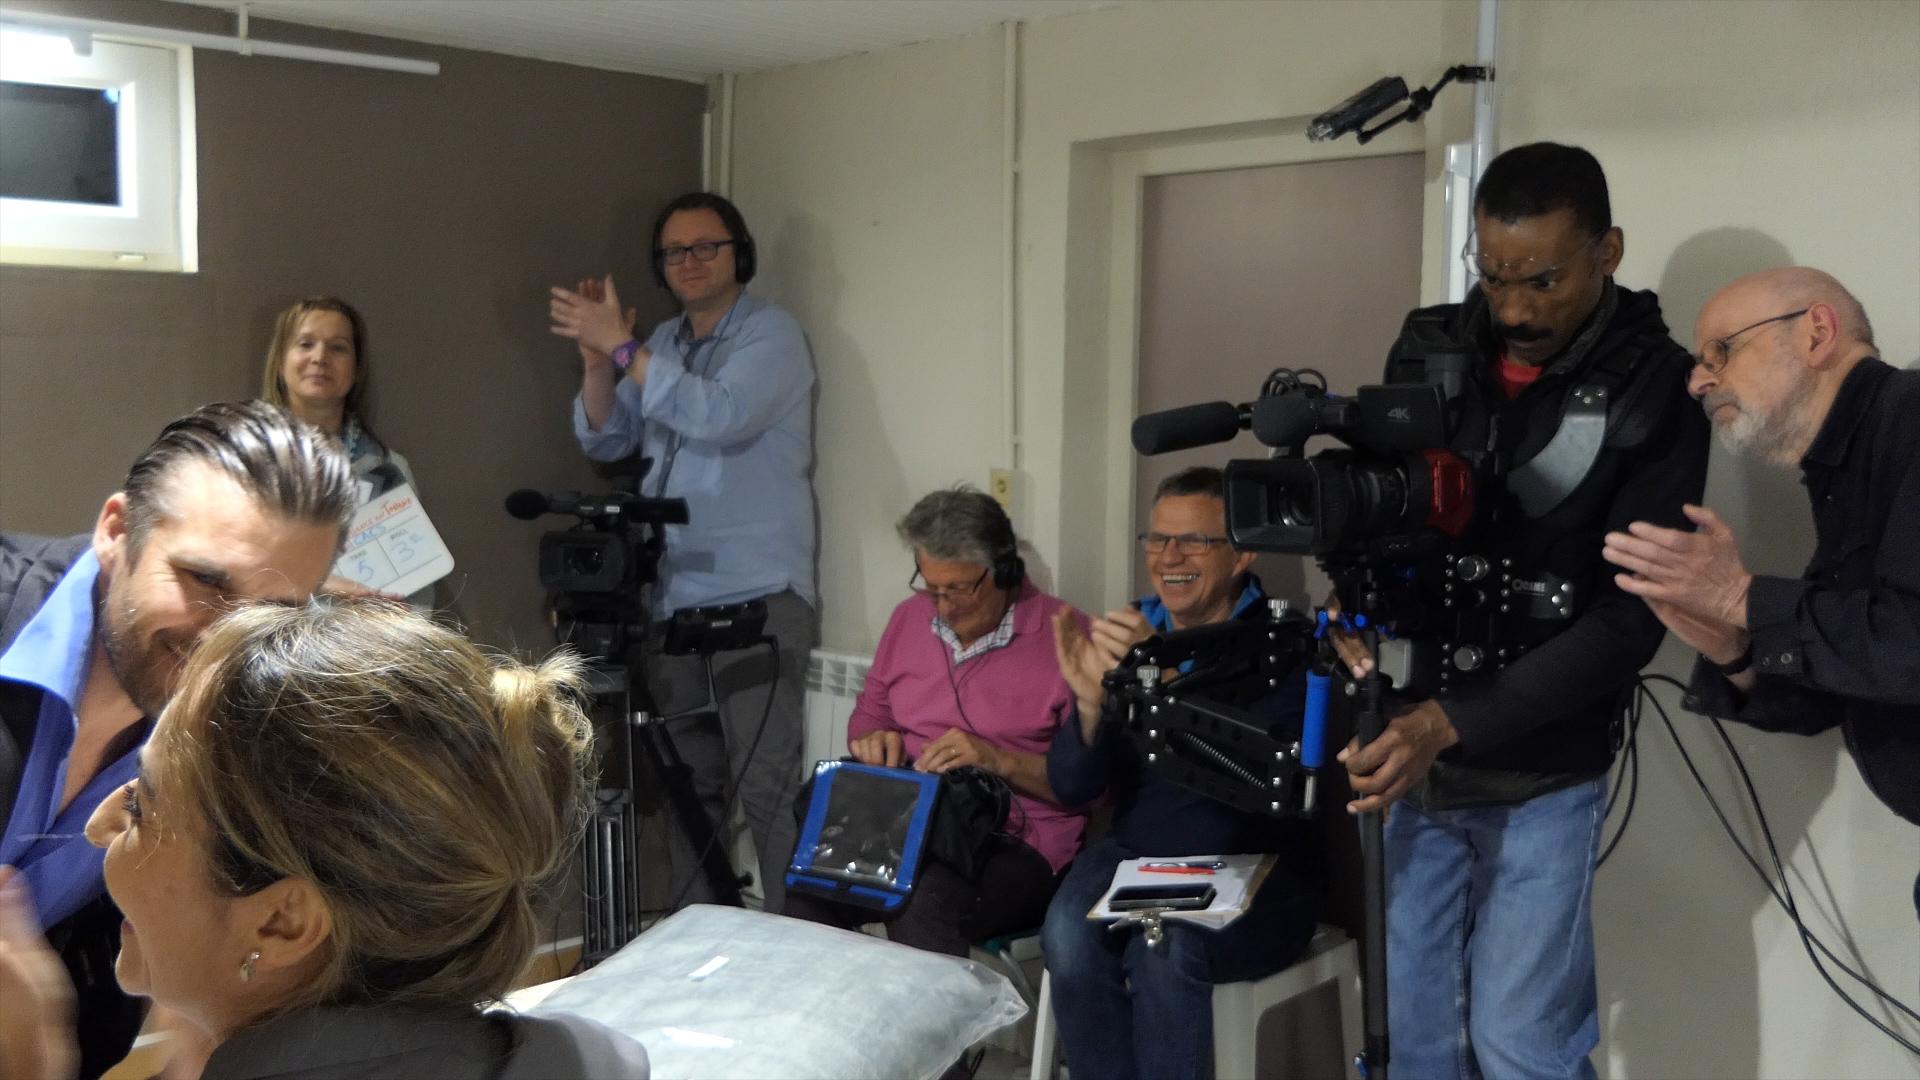 Tontons cadreurs tournage polar51